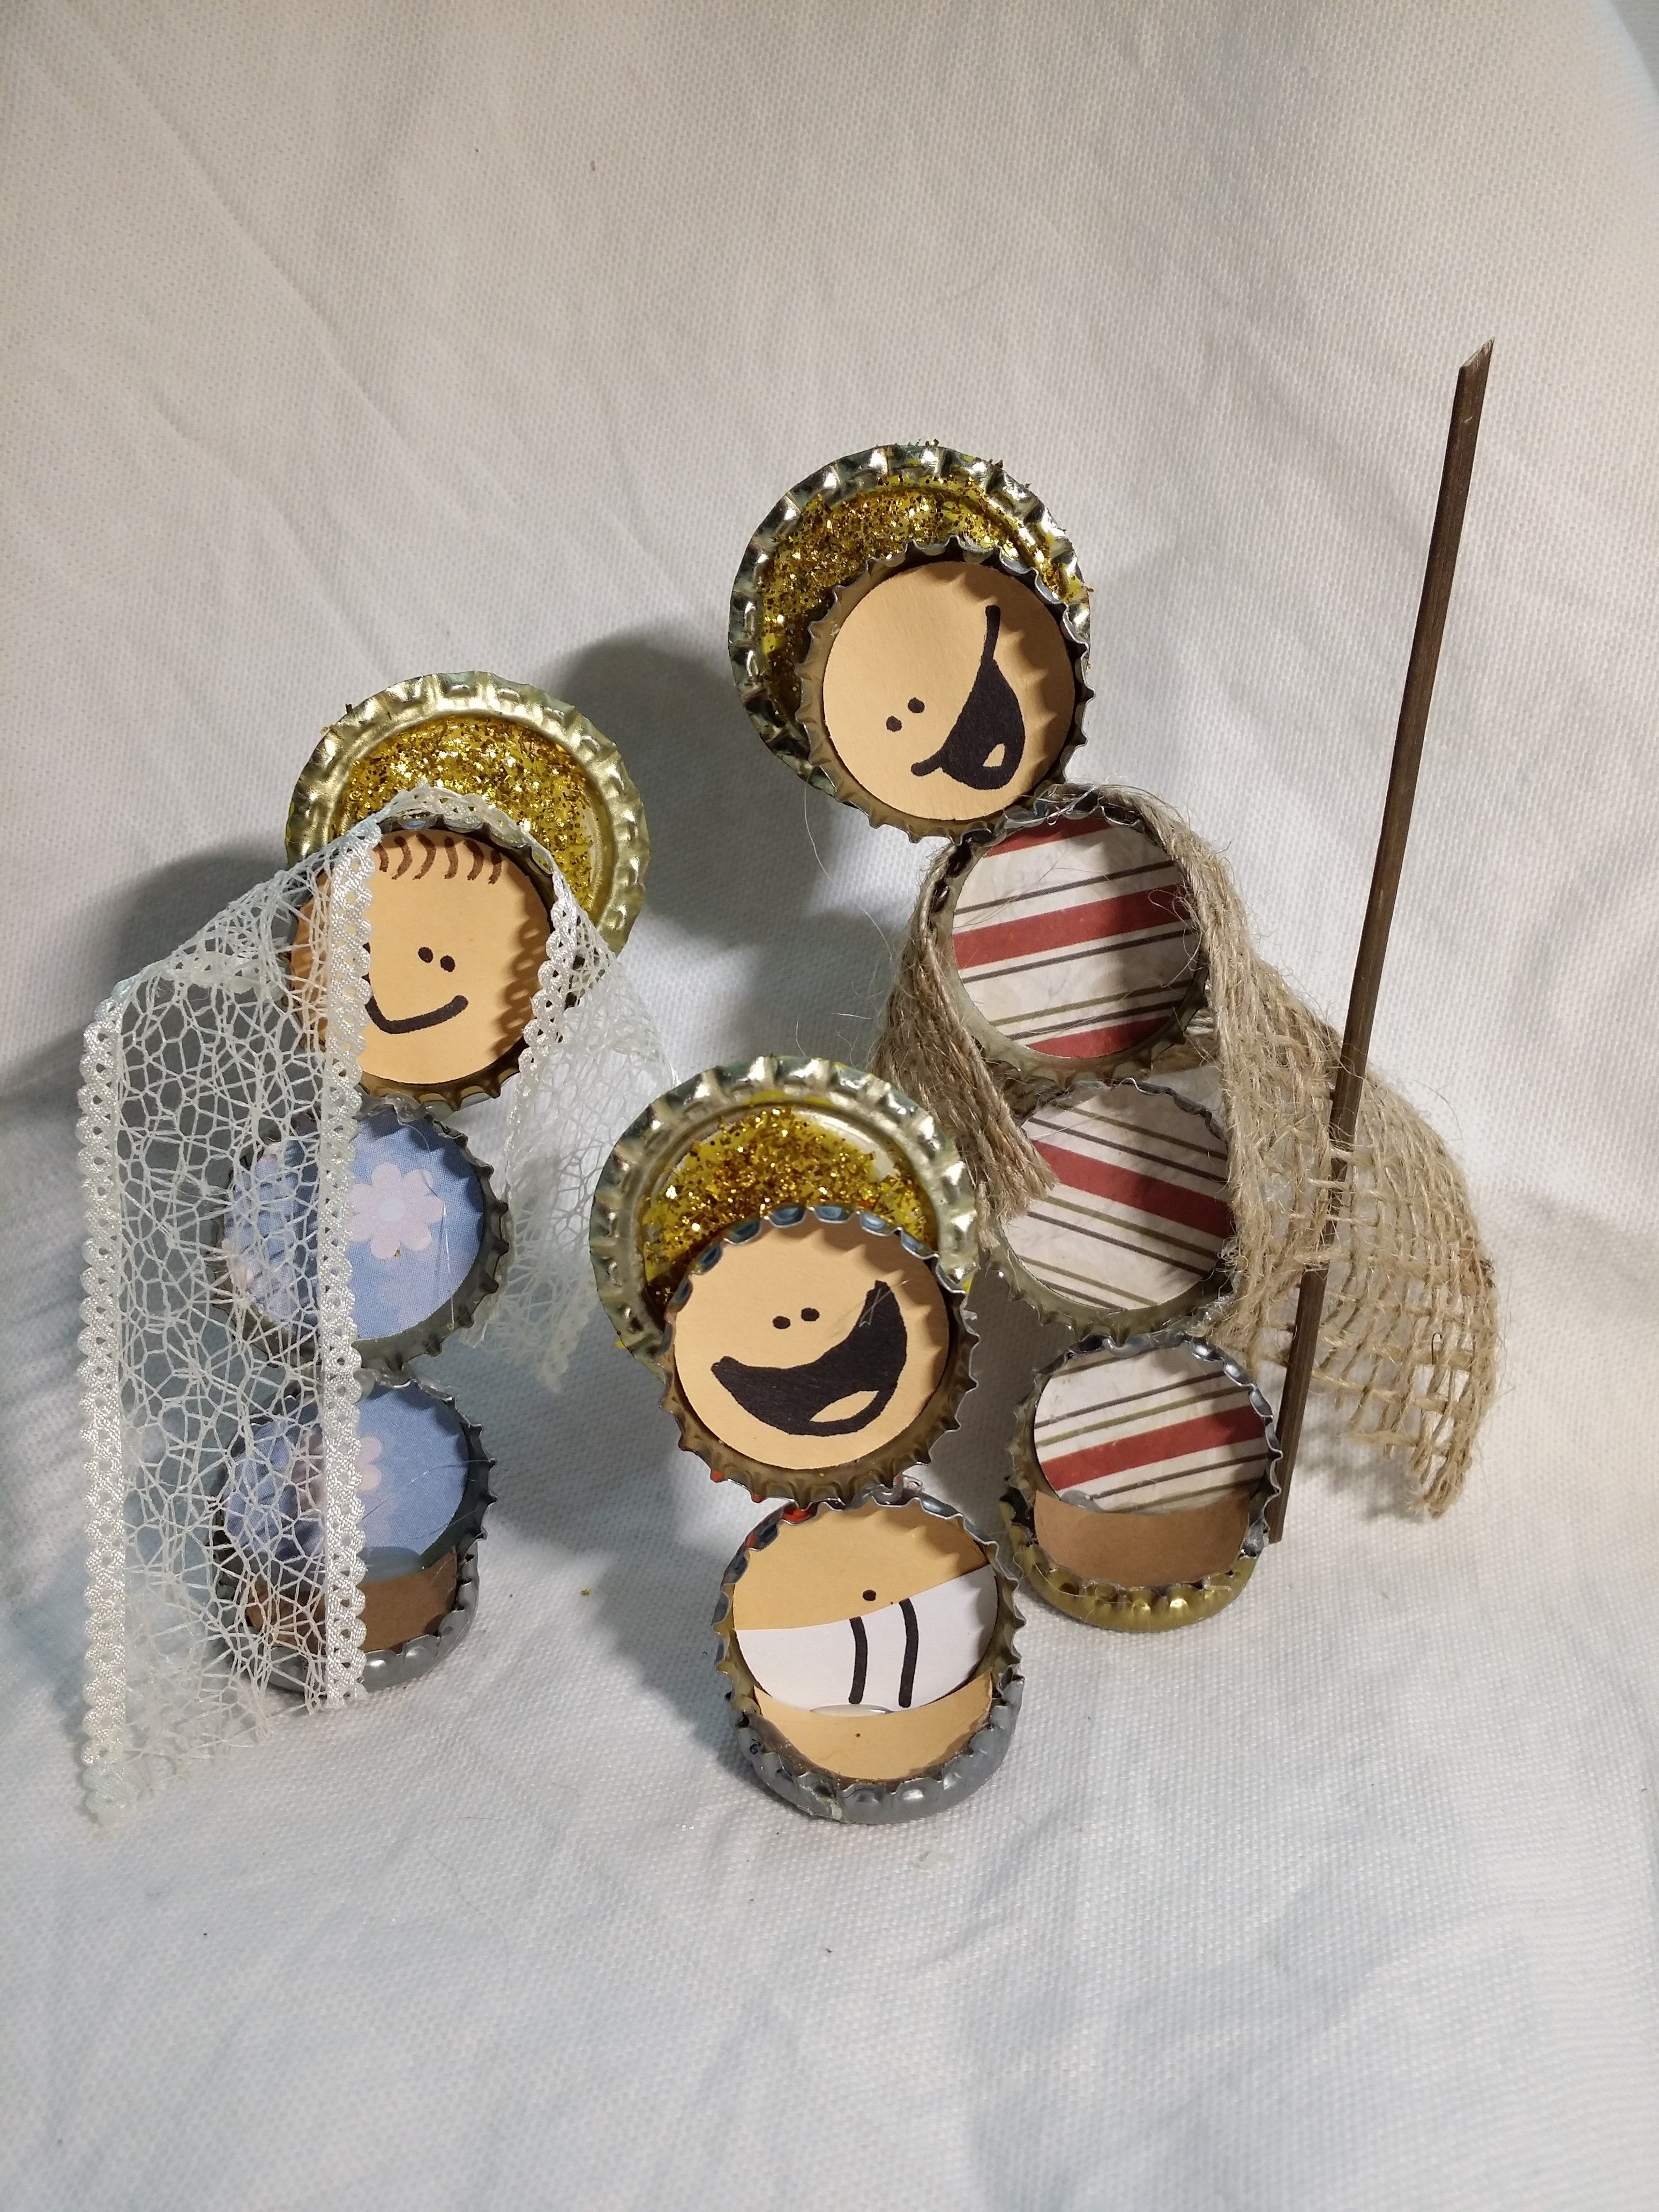 Nacimiento hecho con chapas portal de bel n reciclado mi scrapbooking pinterest - Portales de belen originales ...